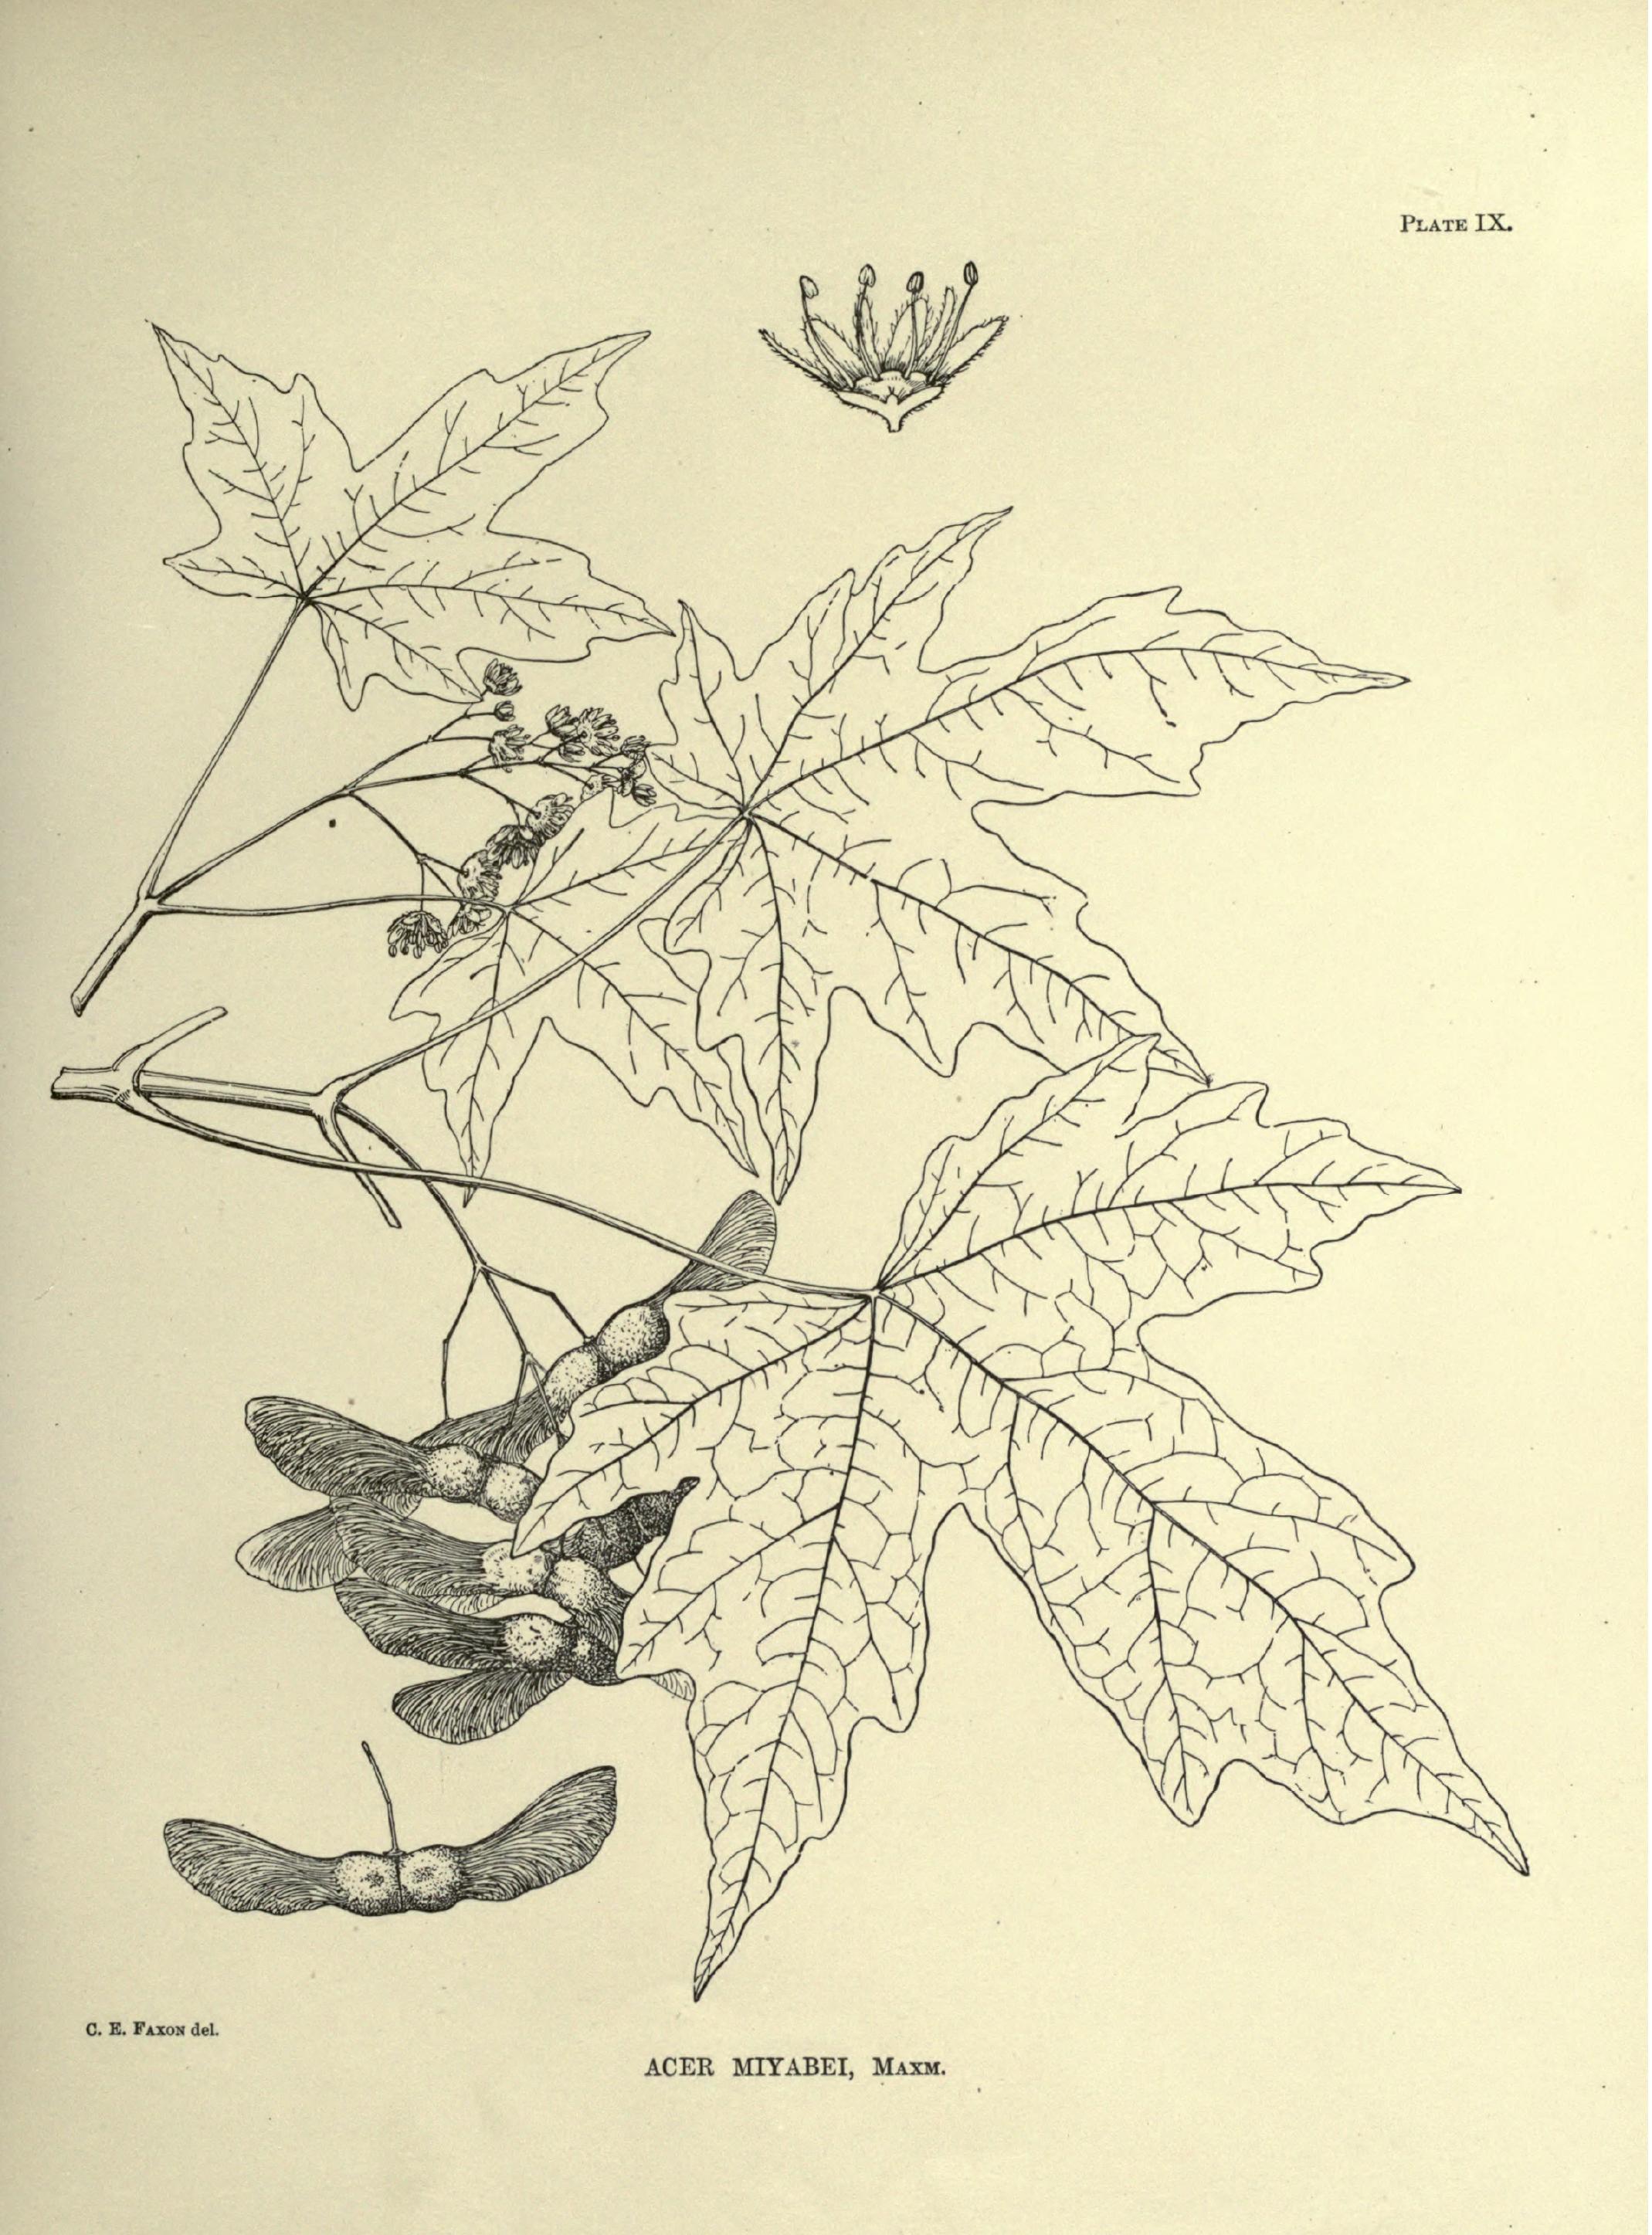 Acer miyabei_HathiTrust_1894.png